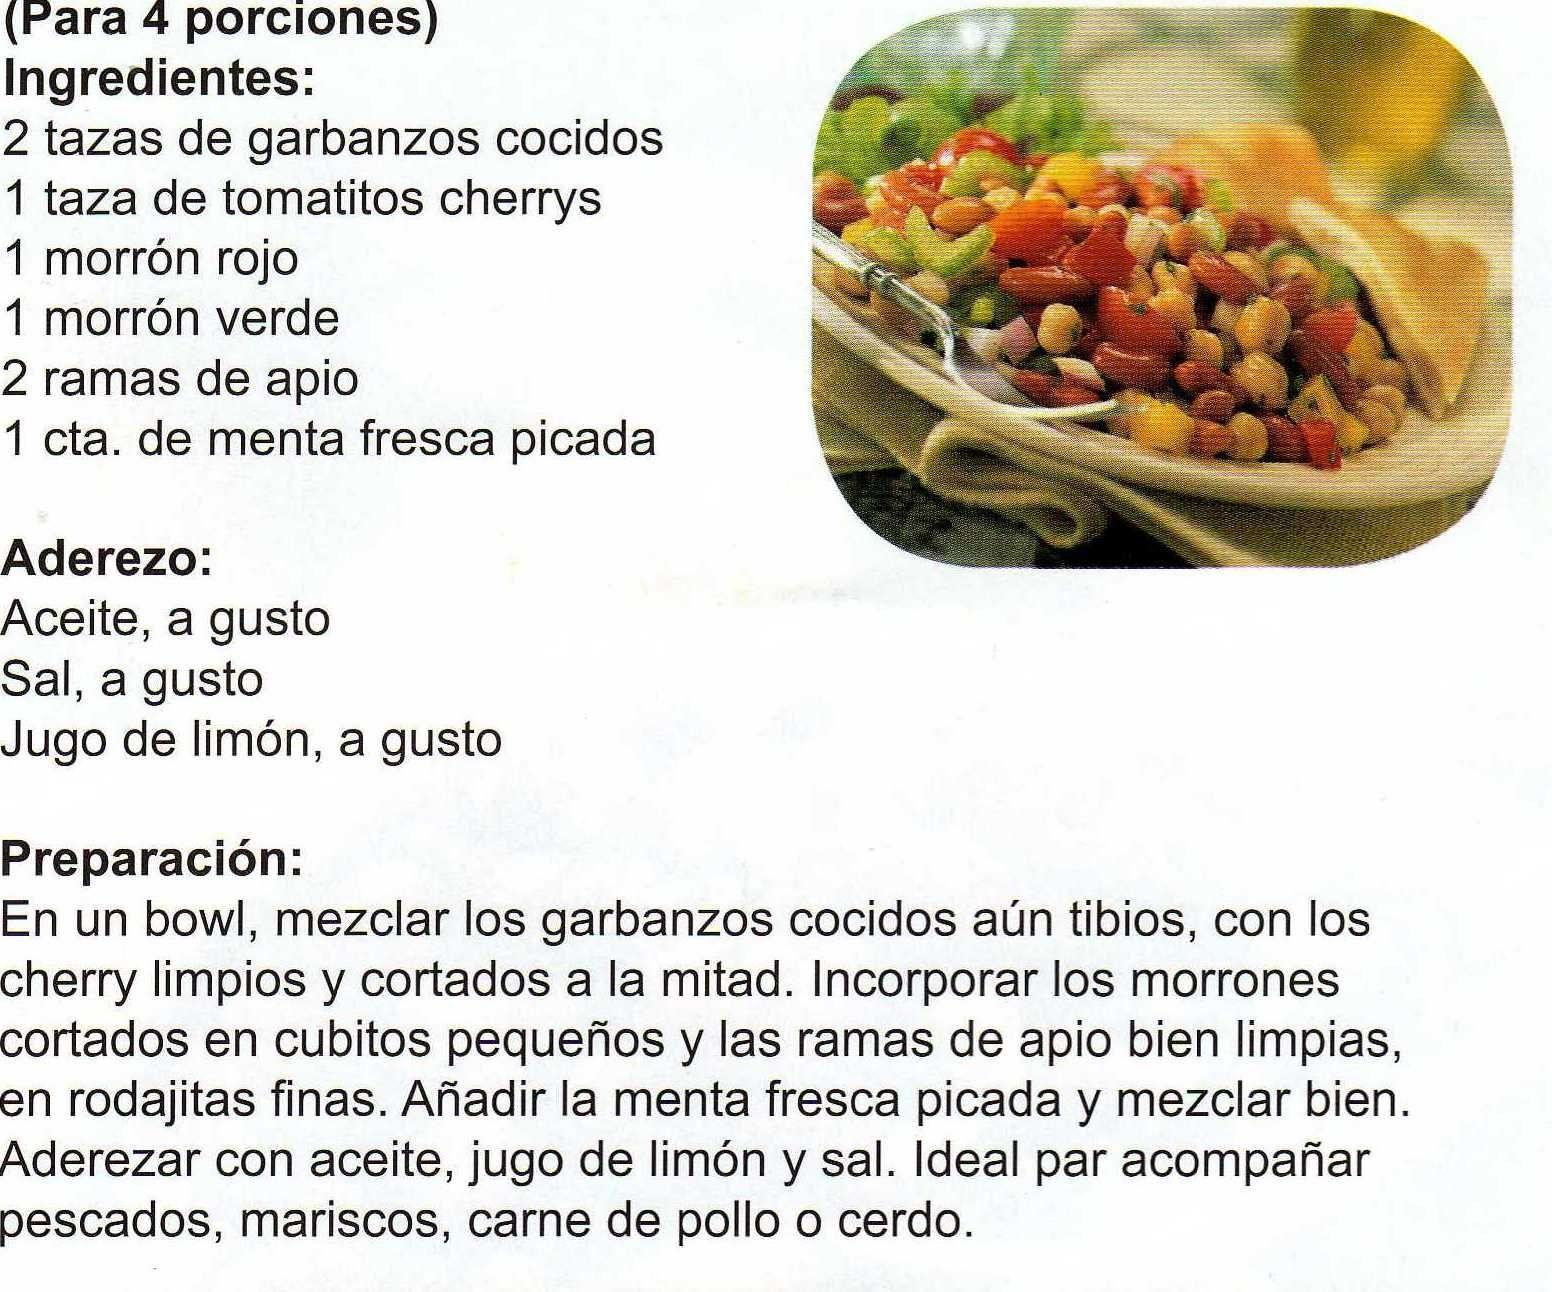 Recetas de cocina recetas de cocina pinterest for Resetas para comidas